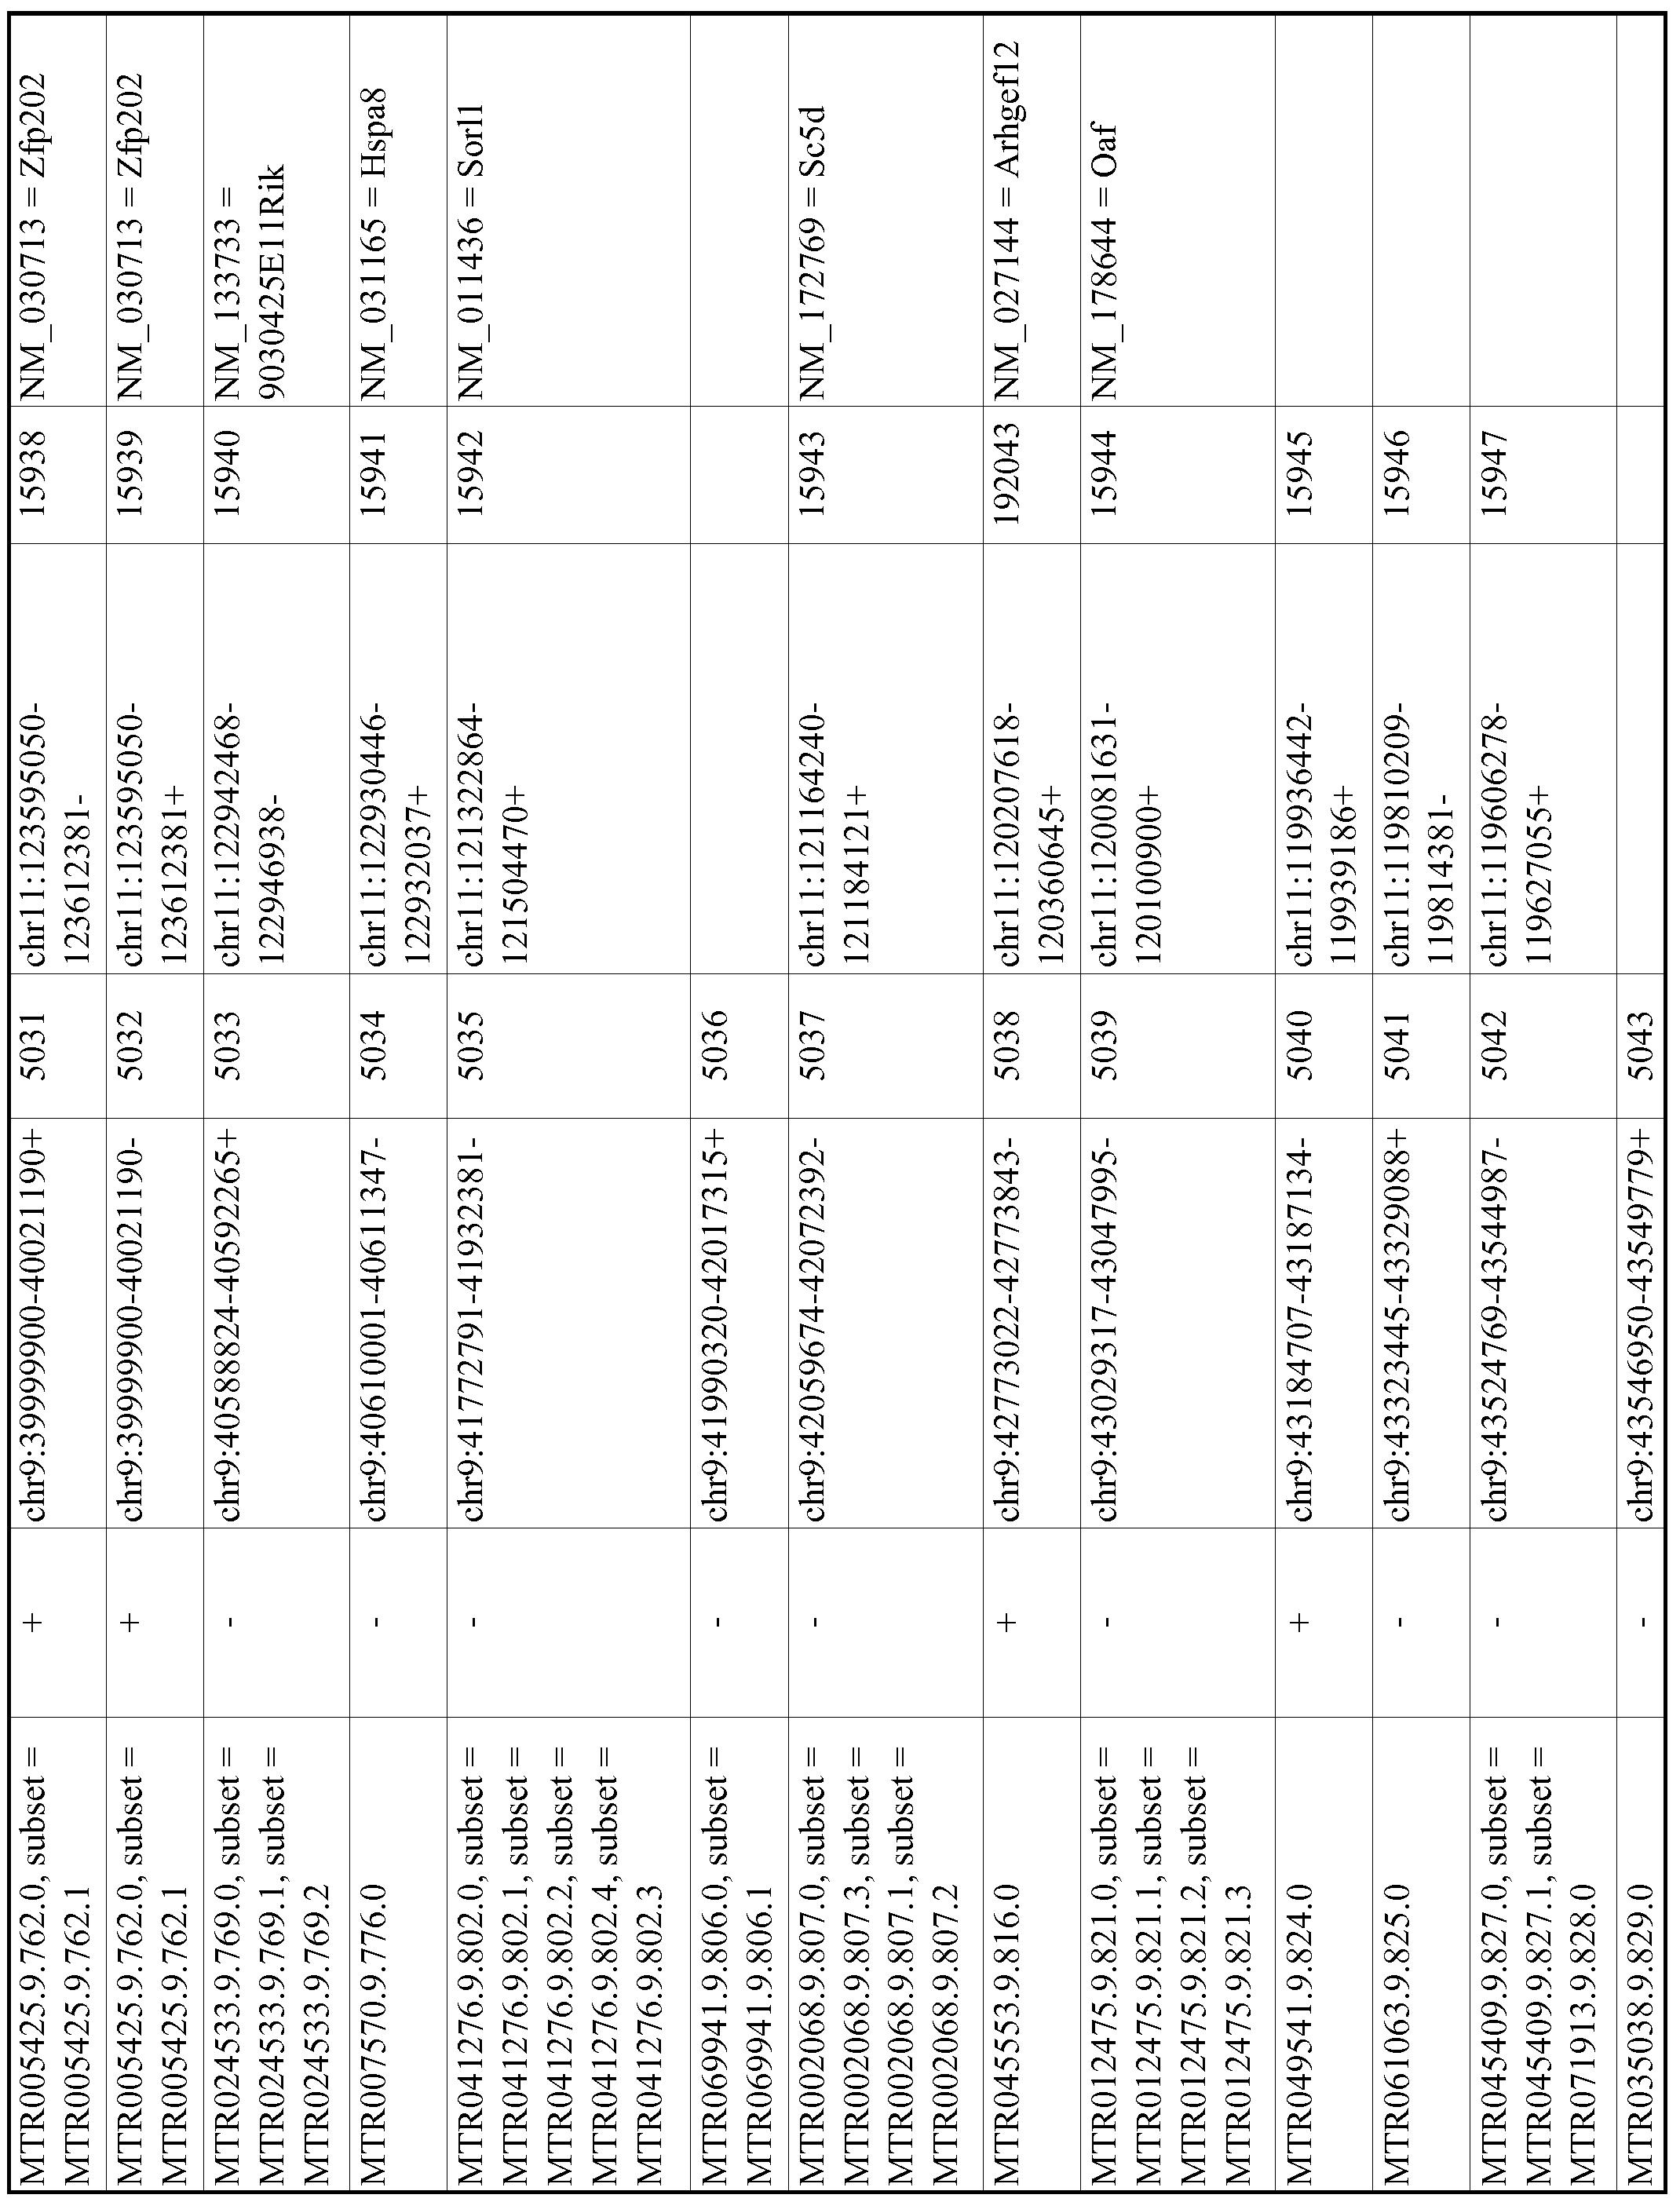 Figure imgf000921_0001